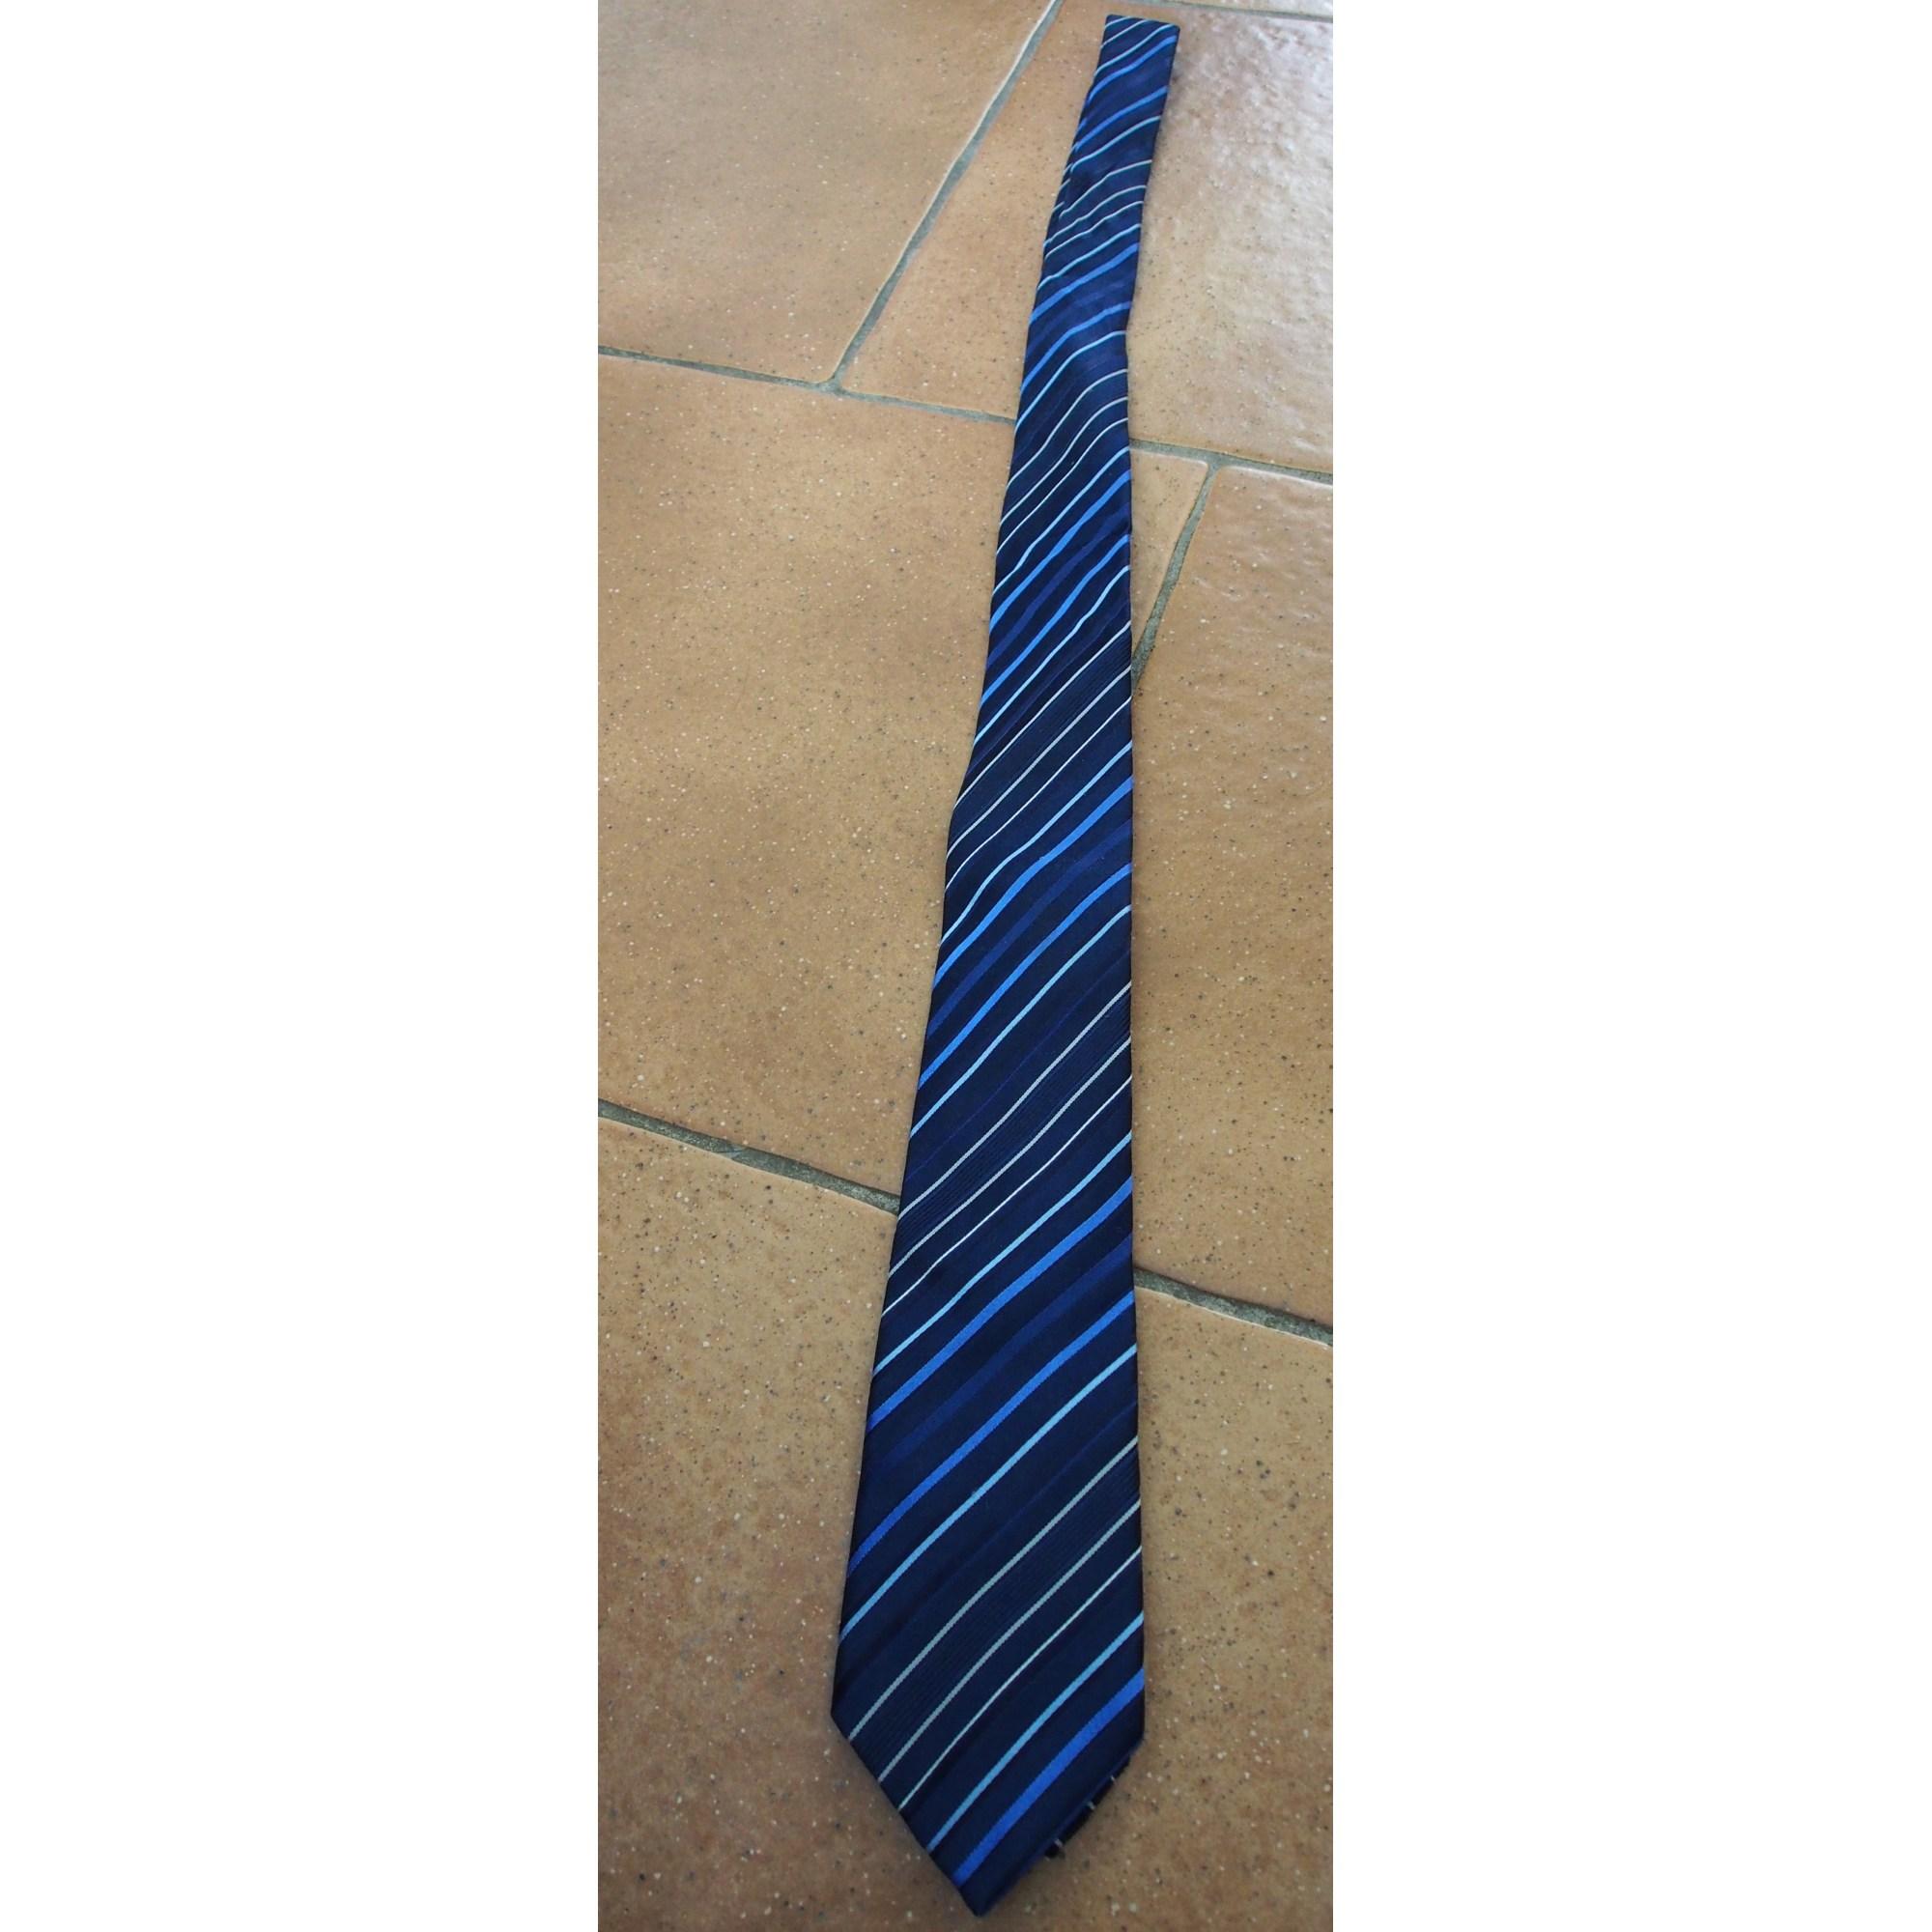 Cravate BRICE Bleu, bleu marine, bleu turquoise